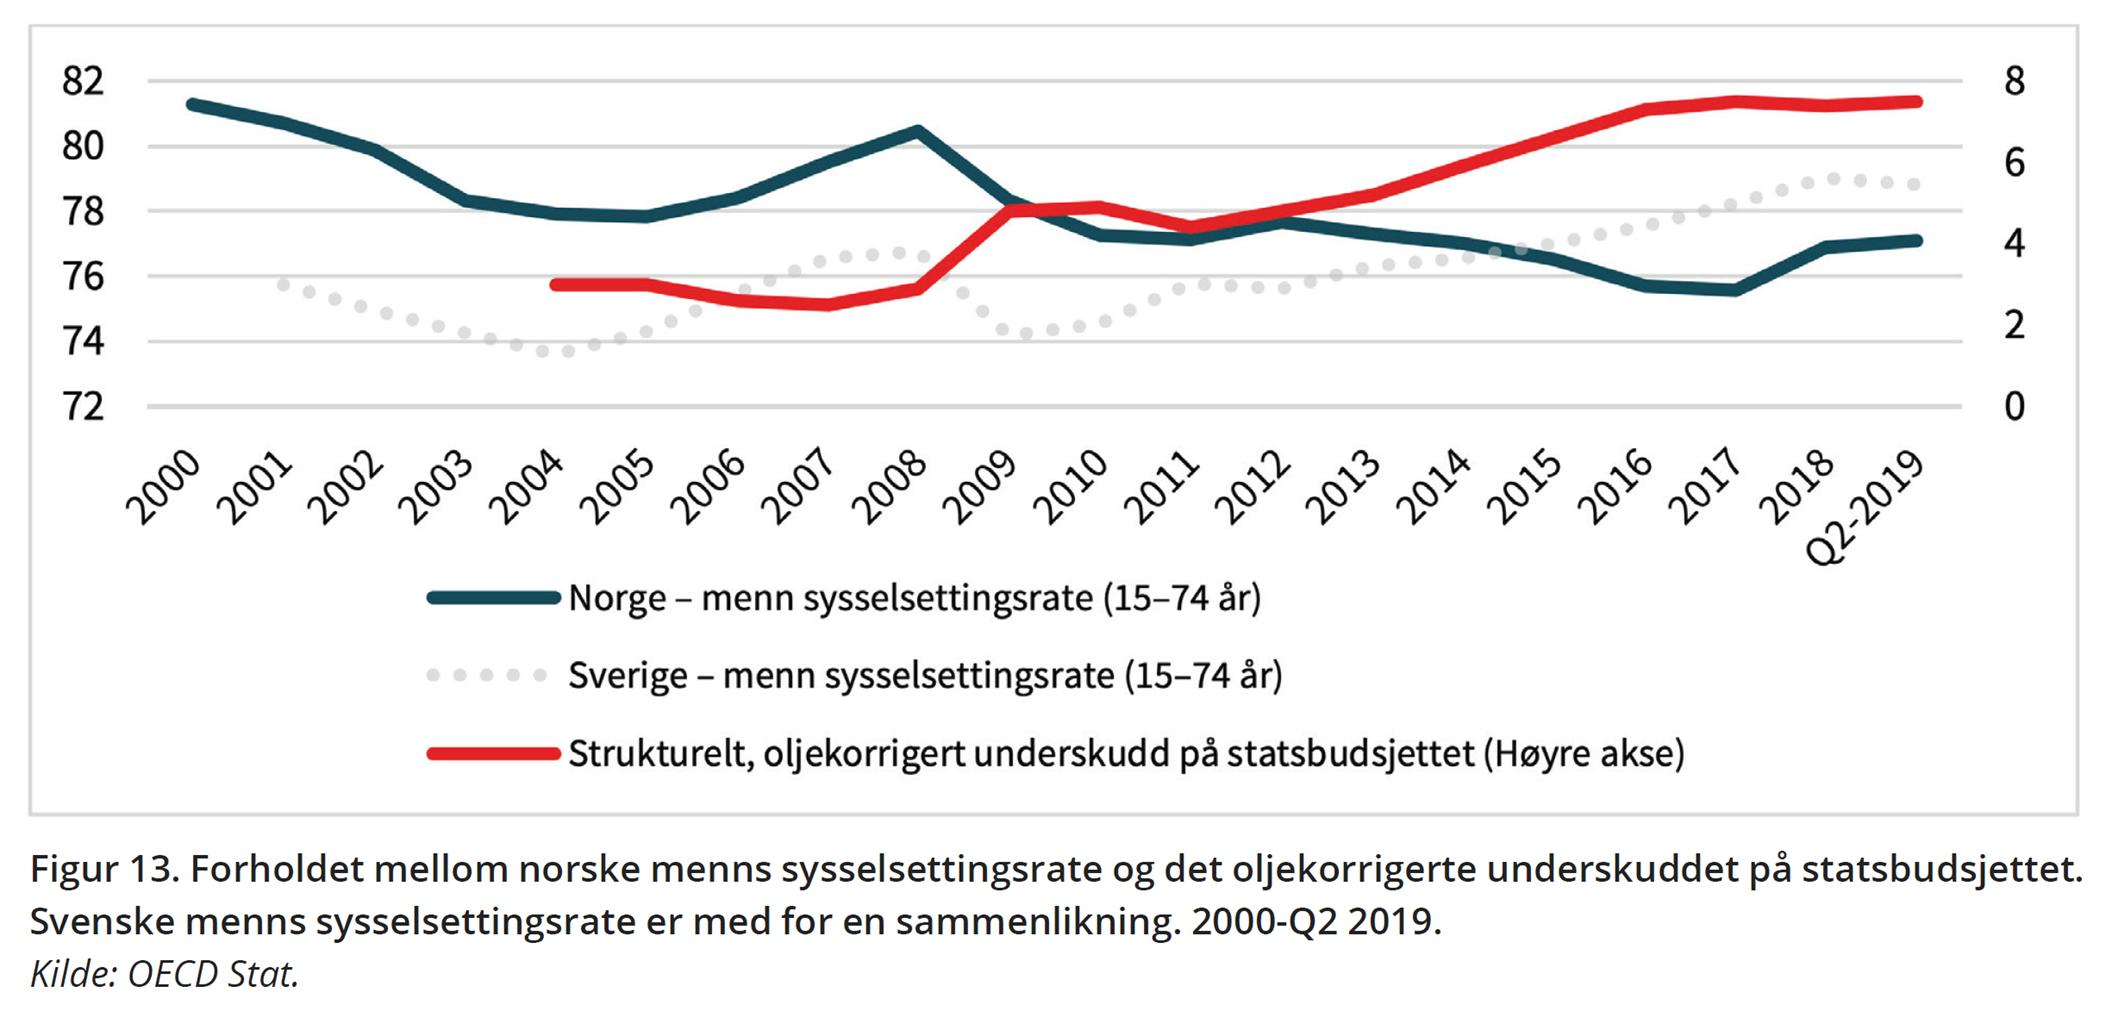 Figur 13. Forholdet mellom norske menns sysselsettingsrate og det oljekorrigerte underskuddet på statsbudsjettet. Svenske menns sysselsettingsrate er med for en sammenlikning. 2000-Q2 2019. Kilde: OECD Stat.